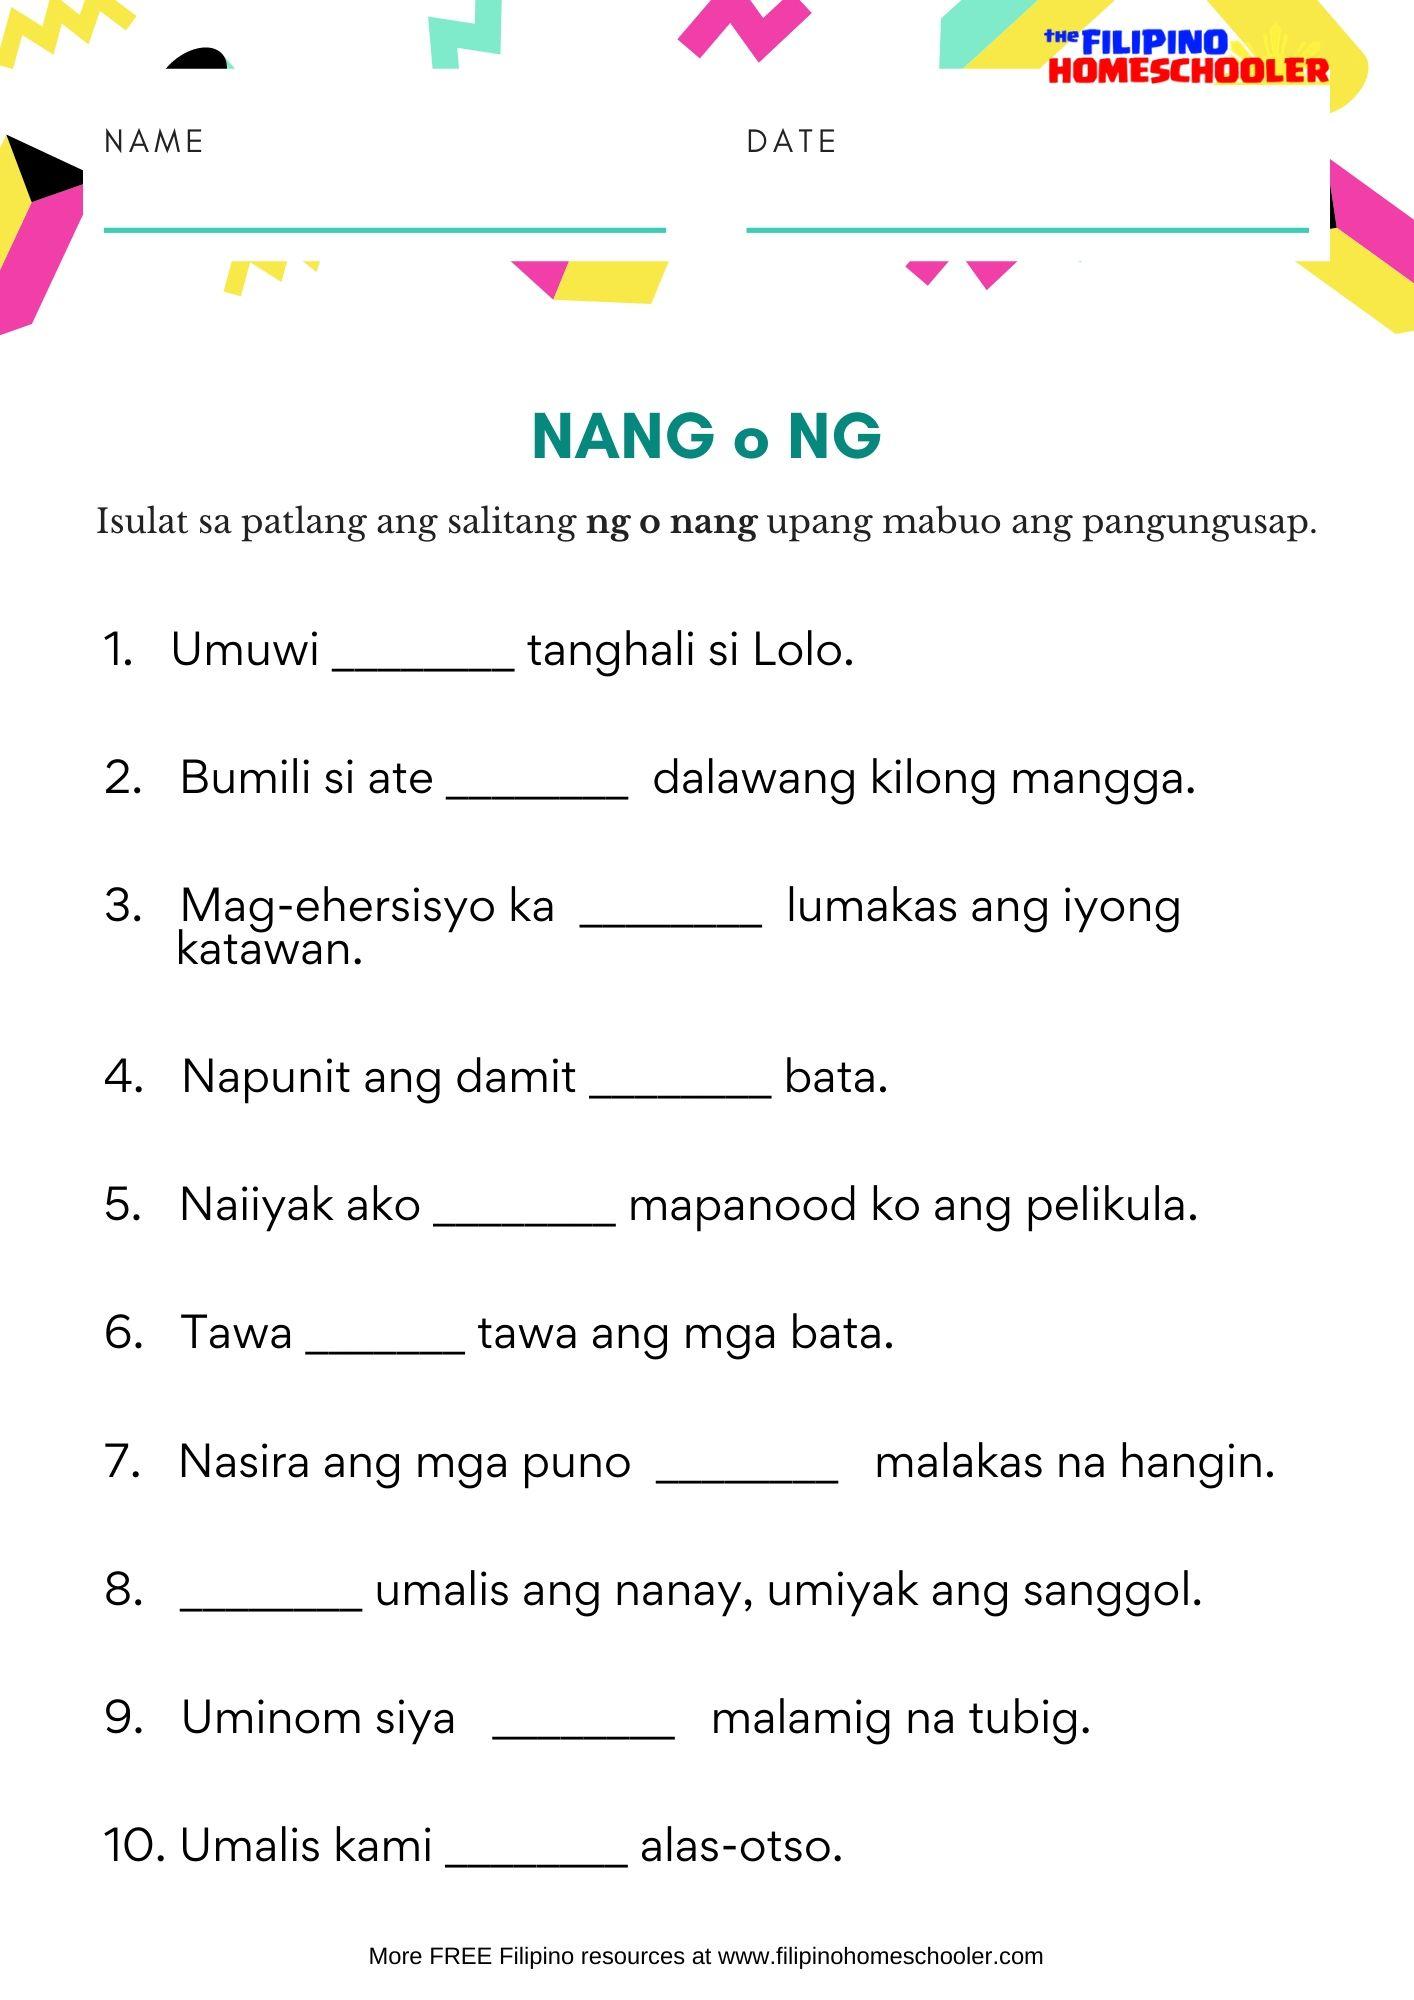 Nang O Ng